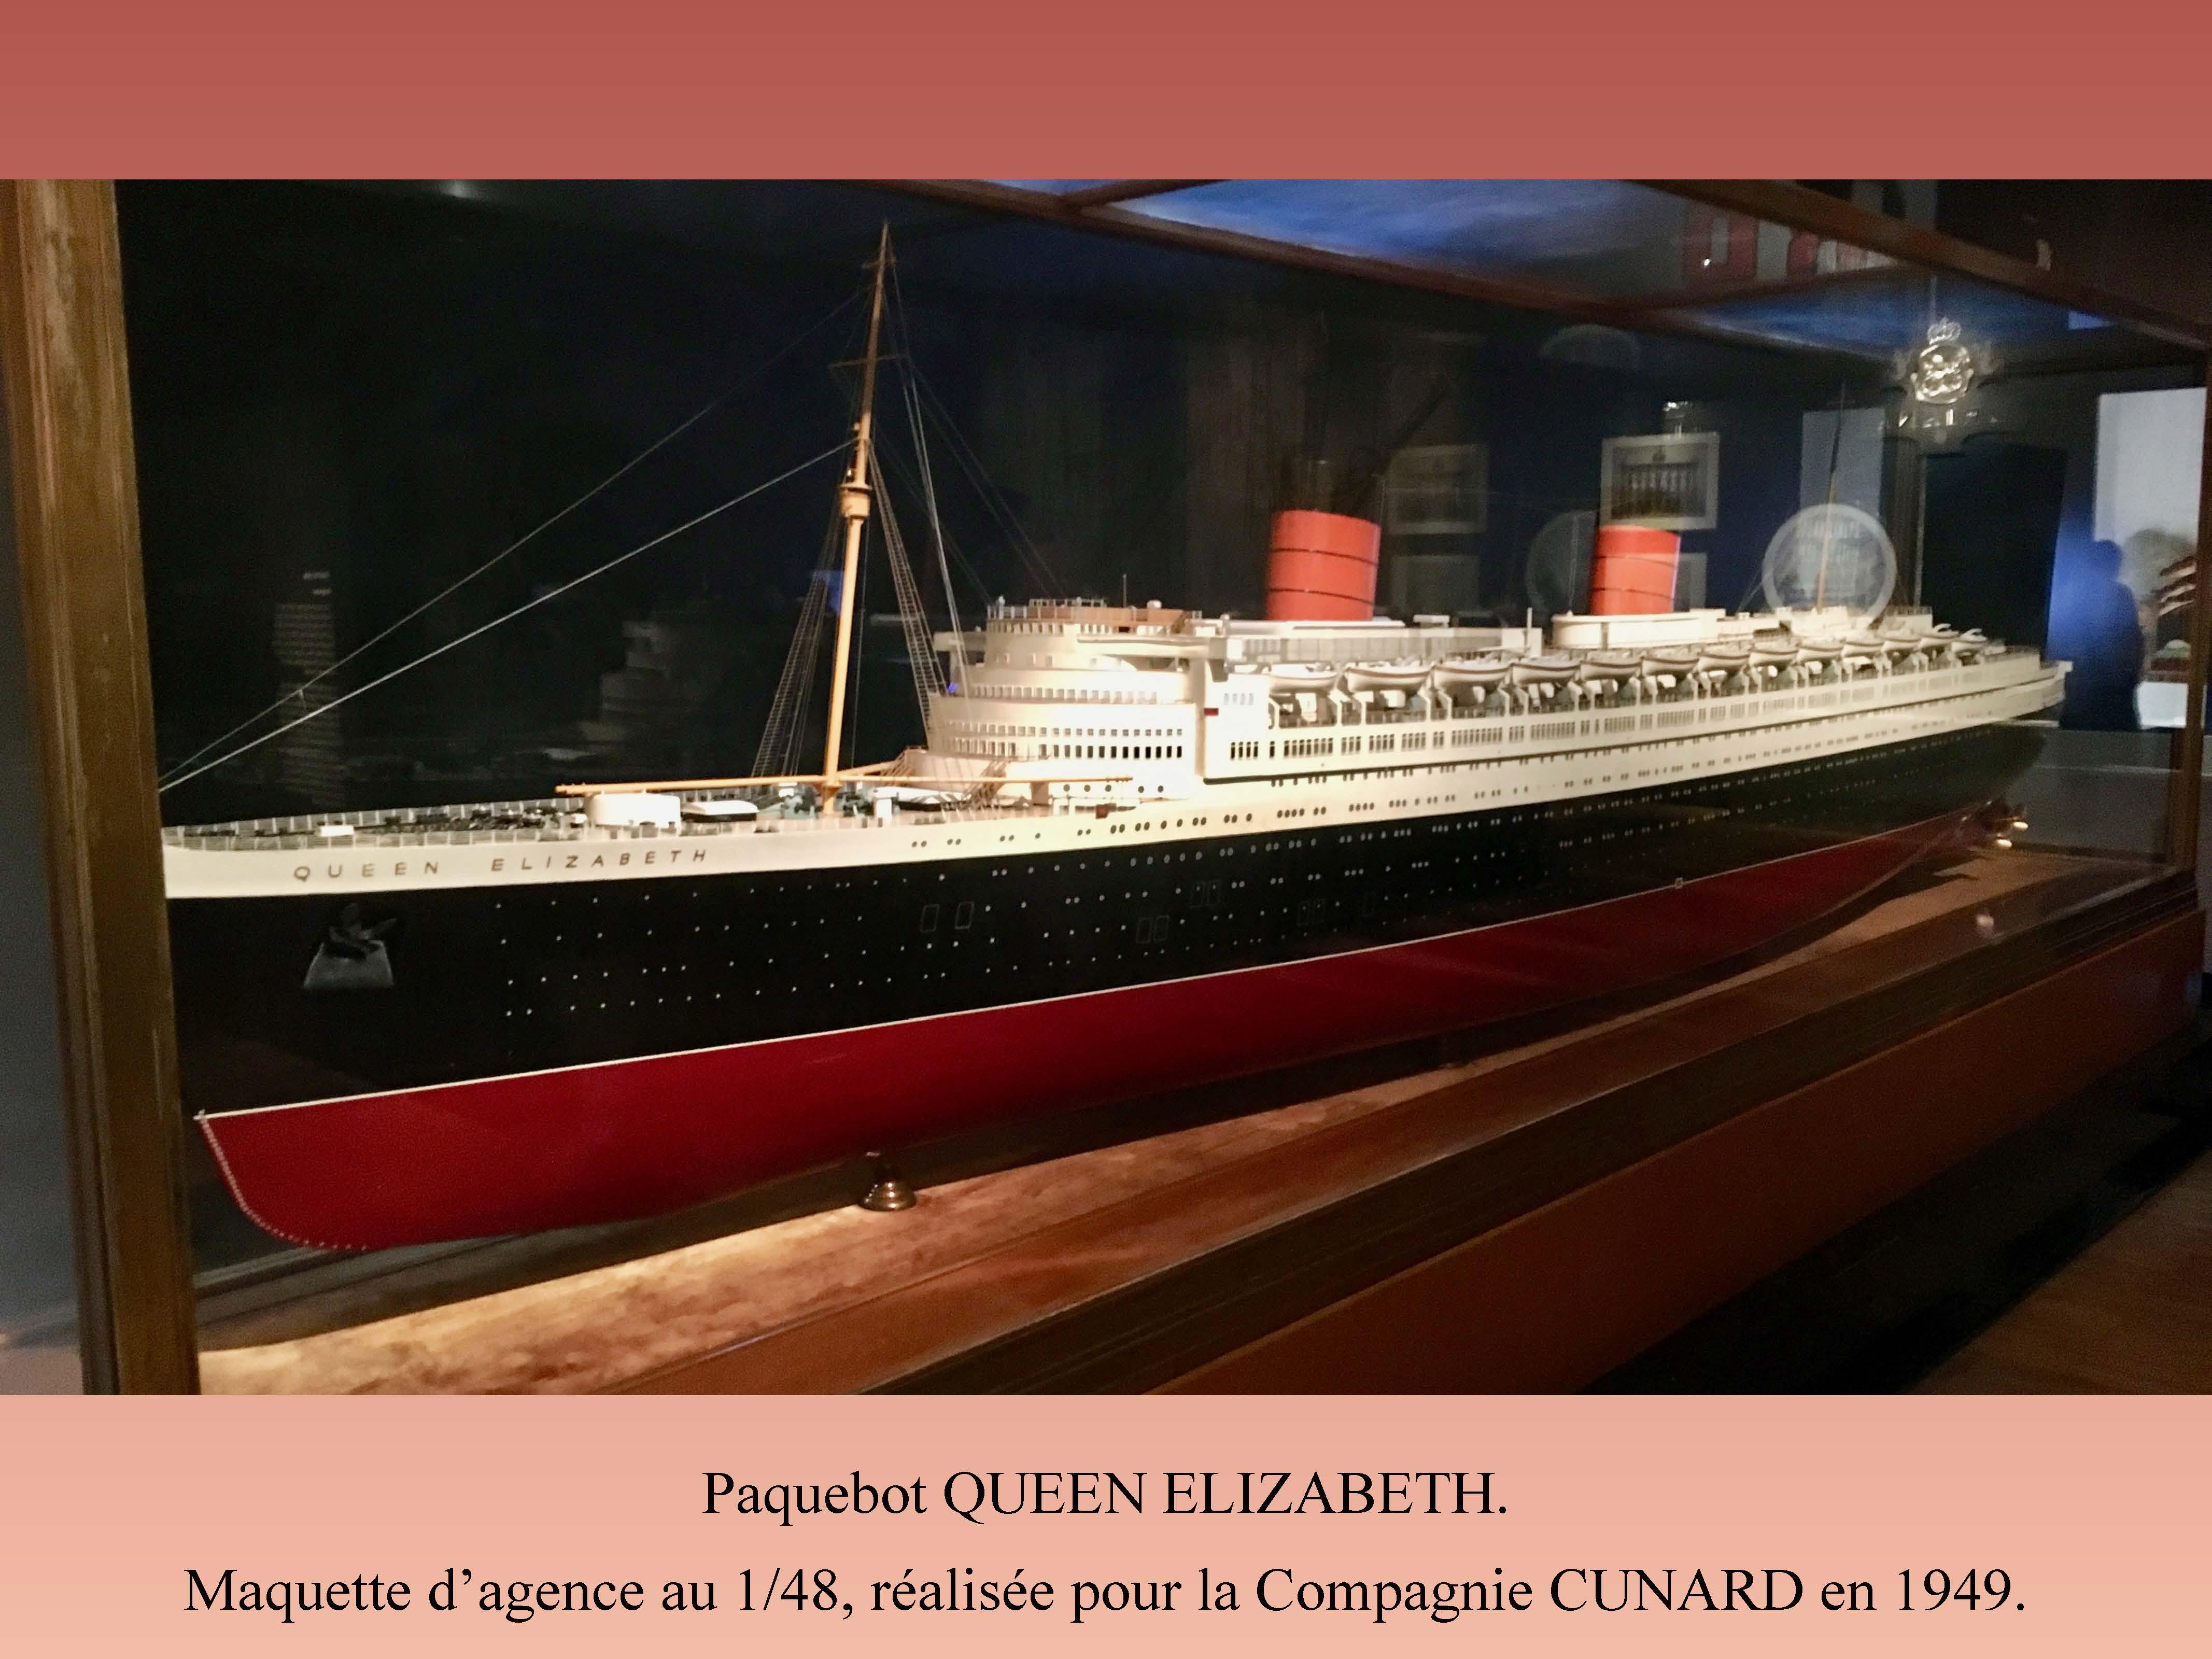 PAQUEBOT DU PASSÉ EXPOSITION AU VICTORIAN ET ALBERT MUSEUM_Page_02